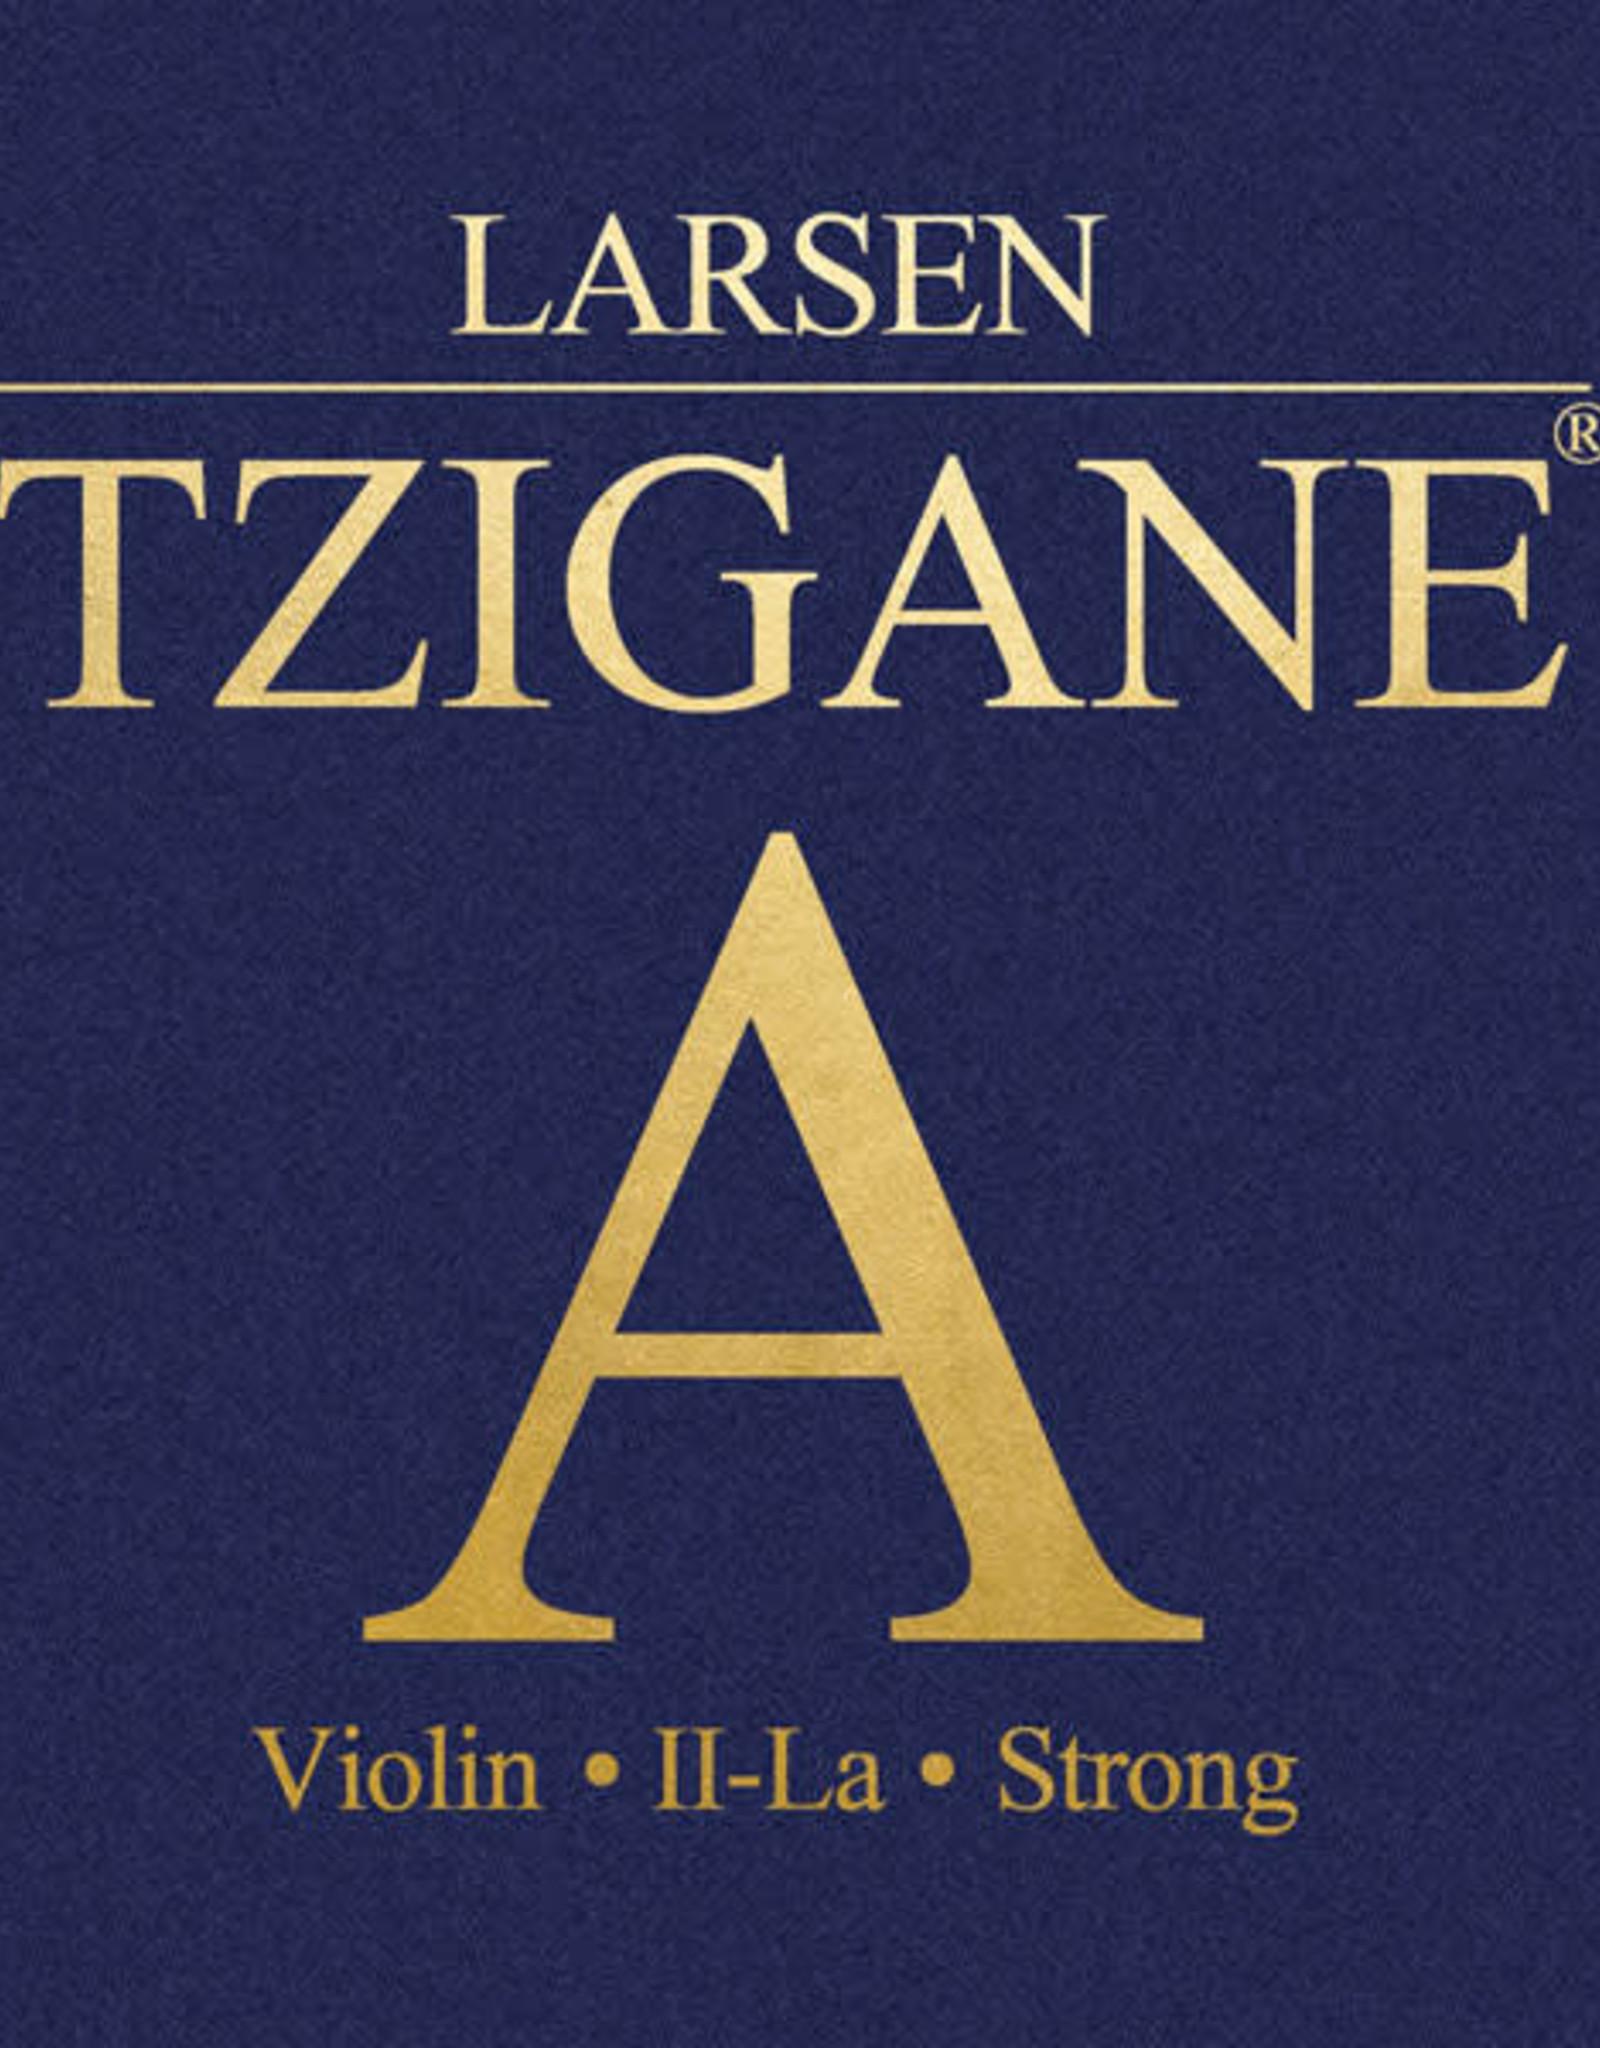 LARSEN Tzigane vioolsnaar la (a-2)